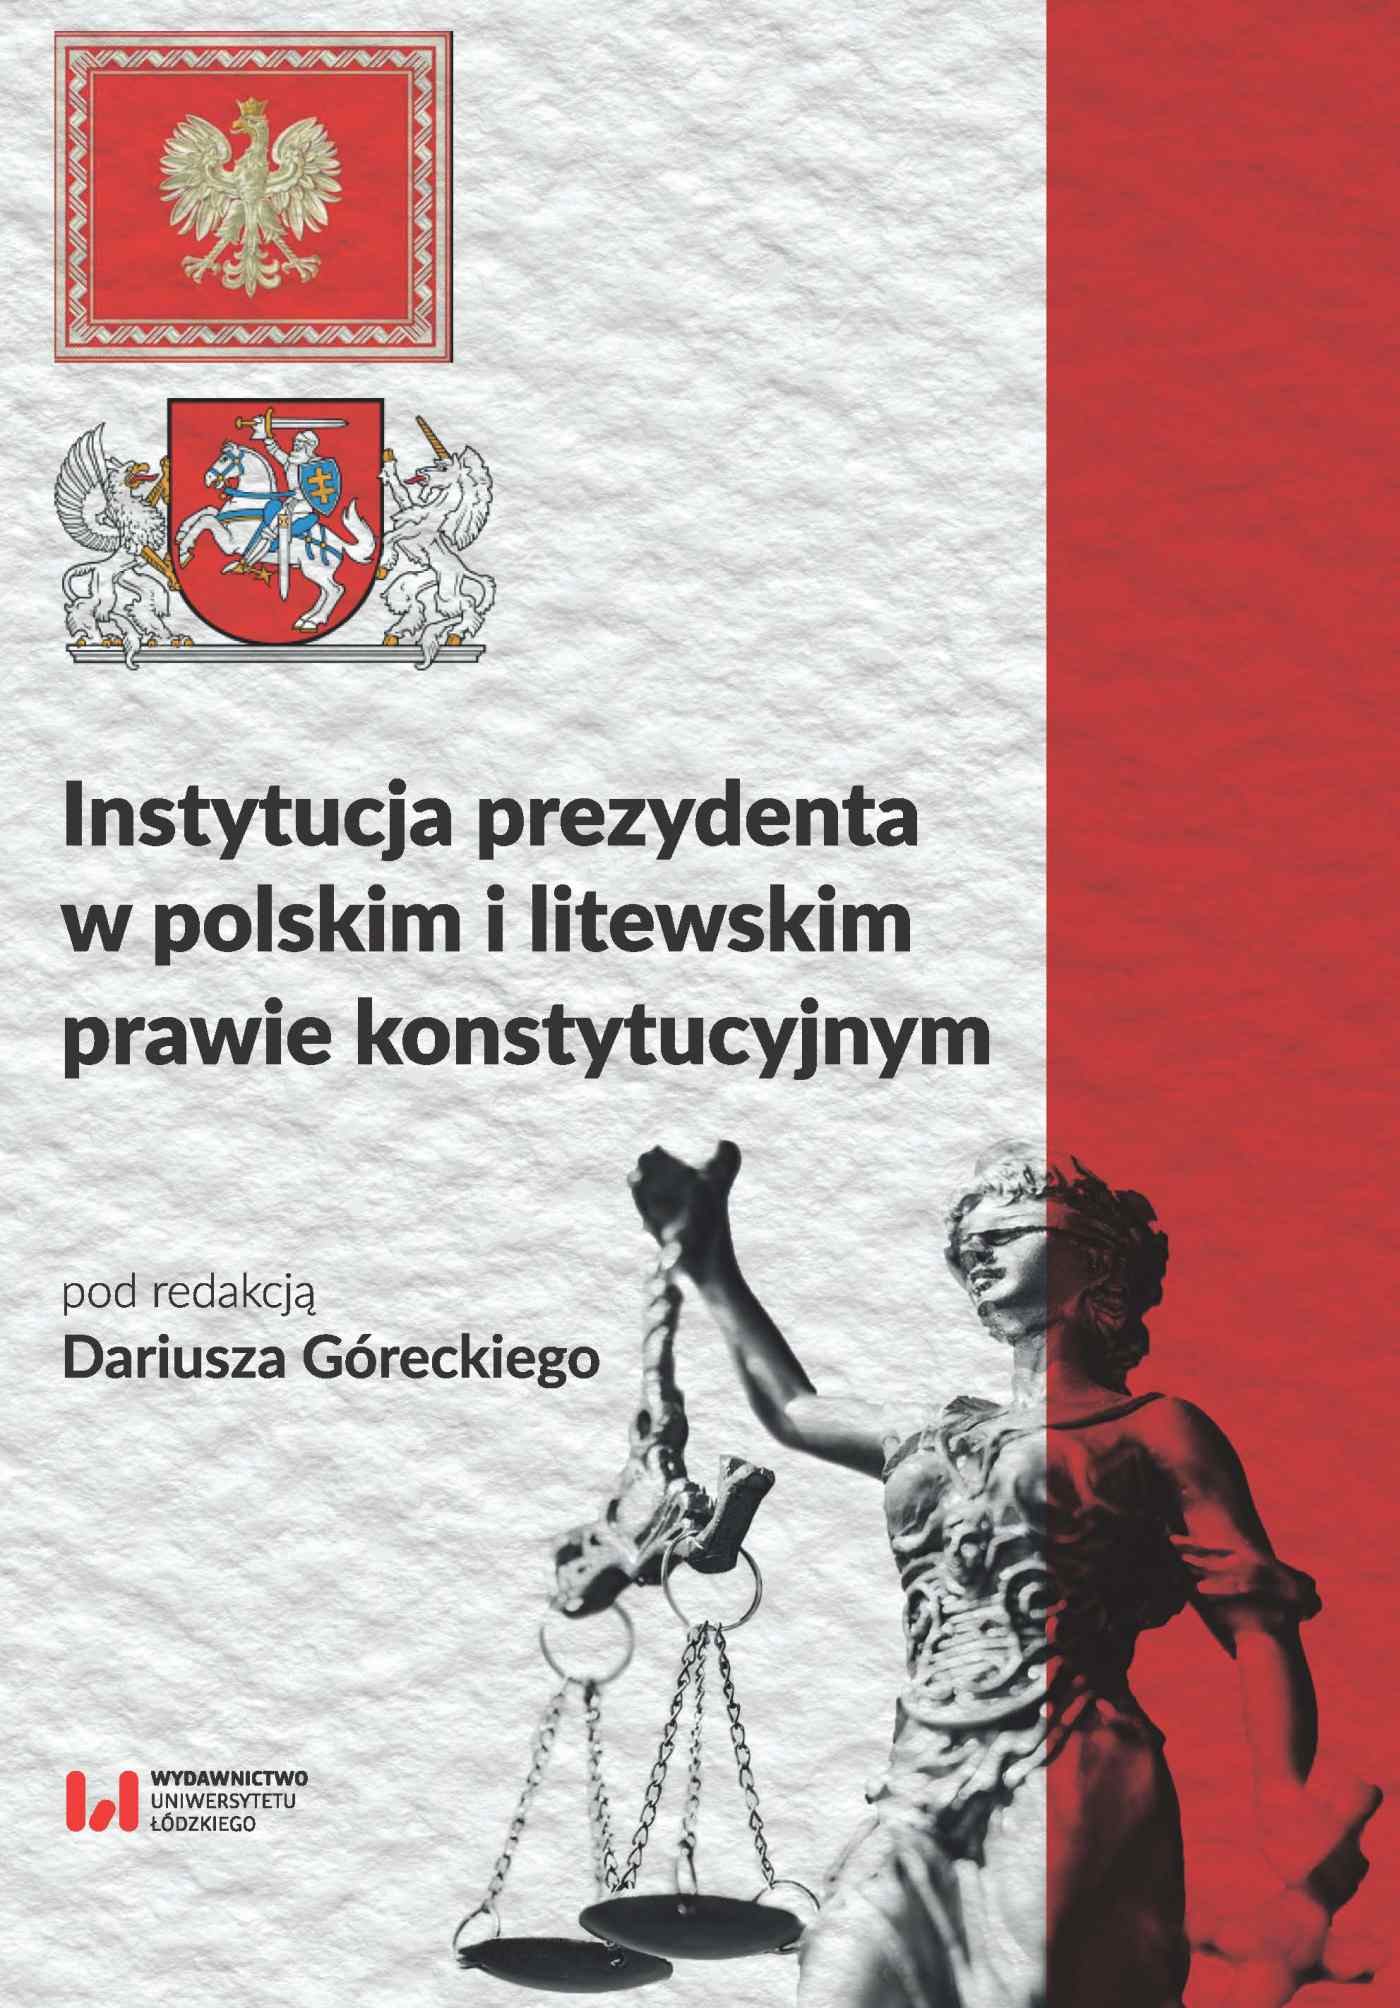 Instytucja prezydenta w polskim i litewskim prawie konstytucyjnym - Ebook (Książka PDF) do pobrania w formacie PDF